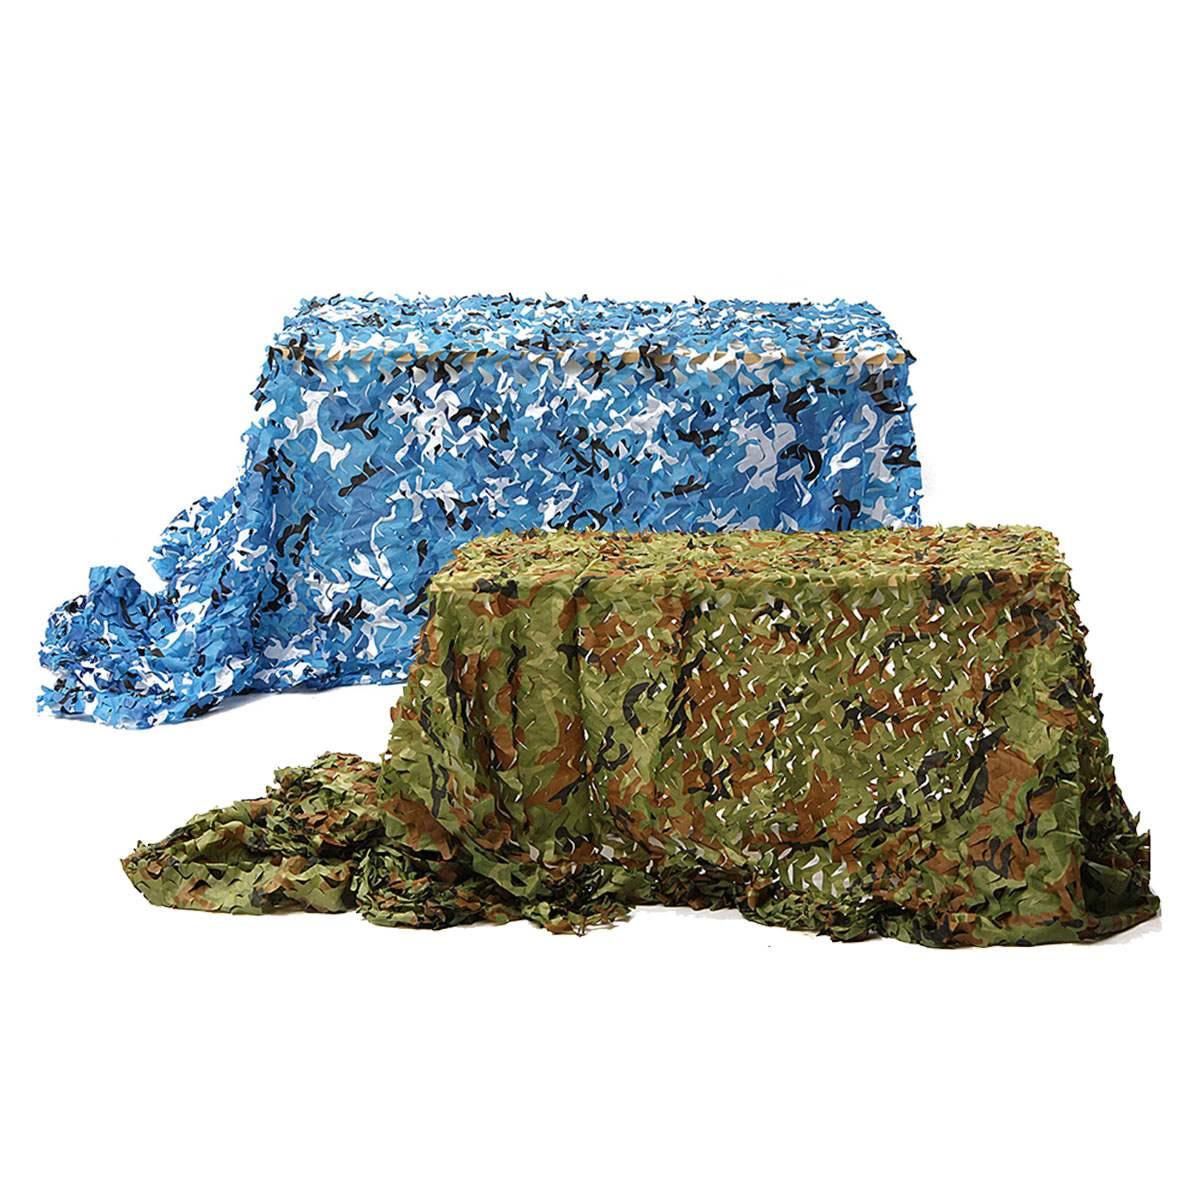 Le Sniper adapté aux besoins du client de Camouflage de largeur de 6 m convient au Ghillie respirable de chasse d'oxford du Polyester 150D convient à l'uniforme d'airsoft de vêtements